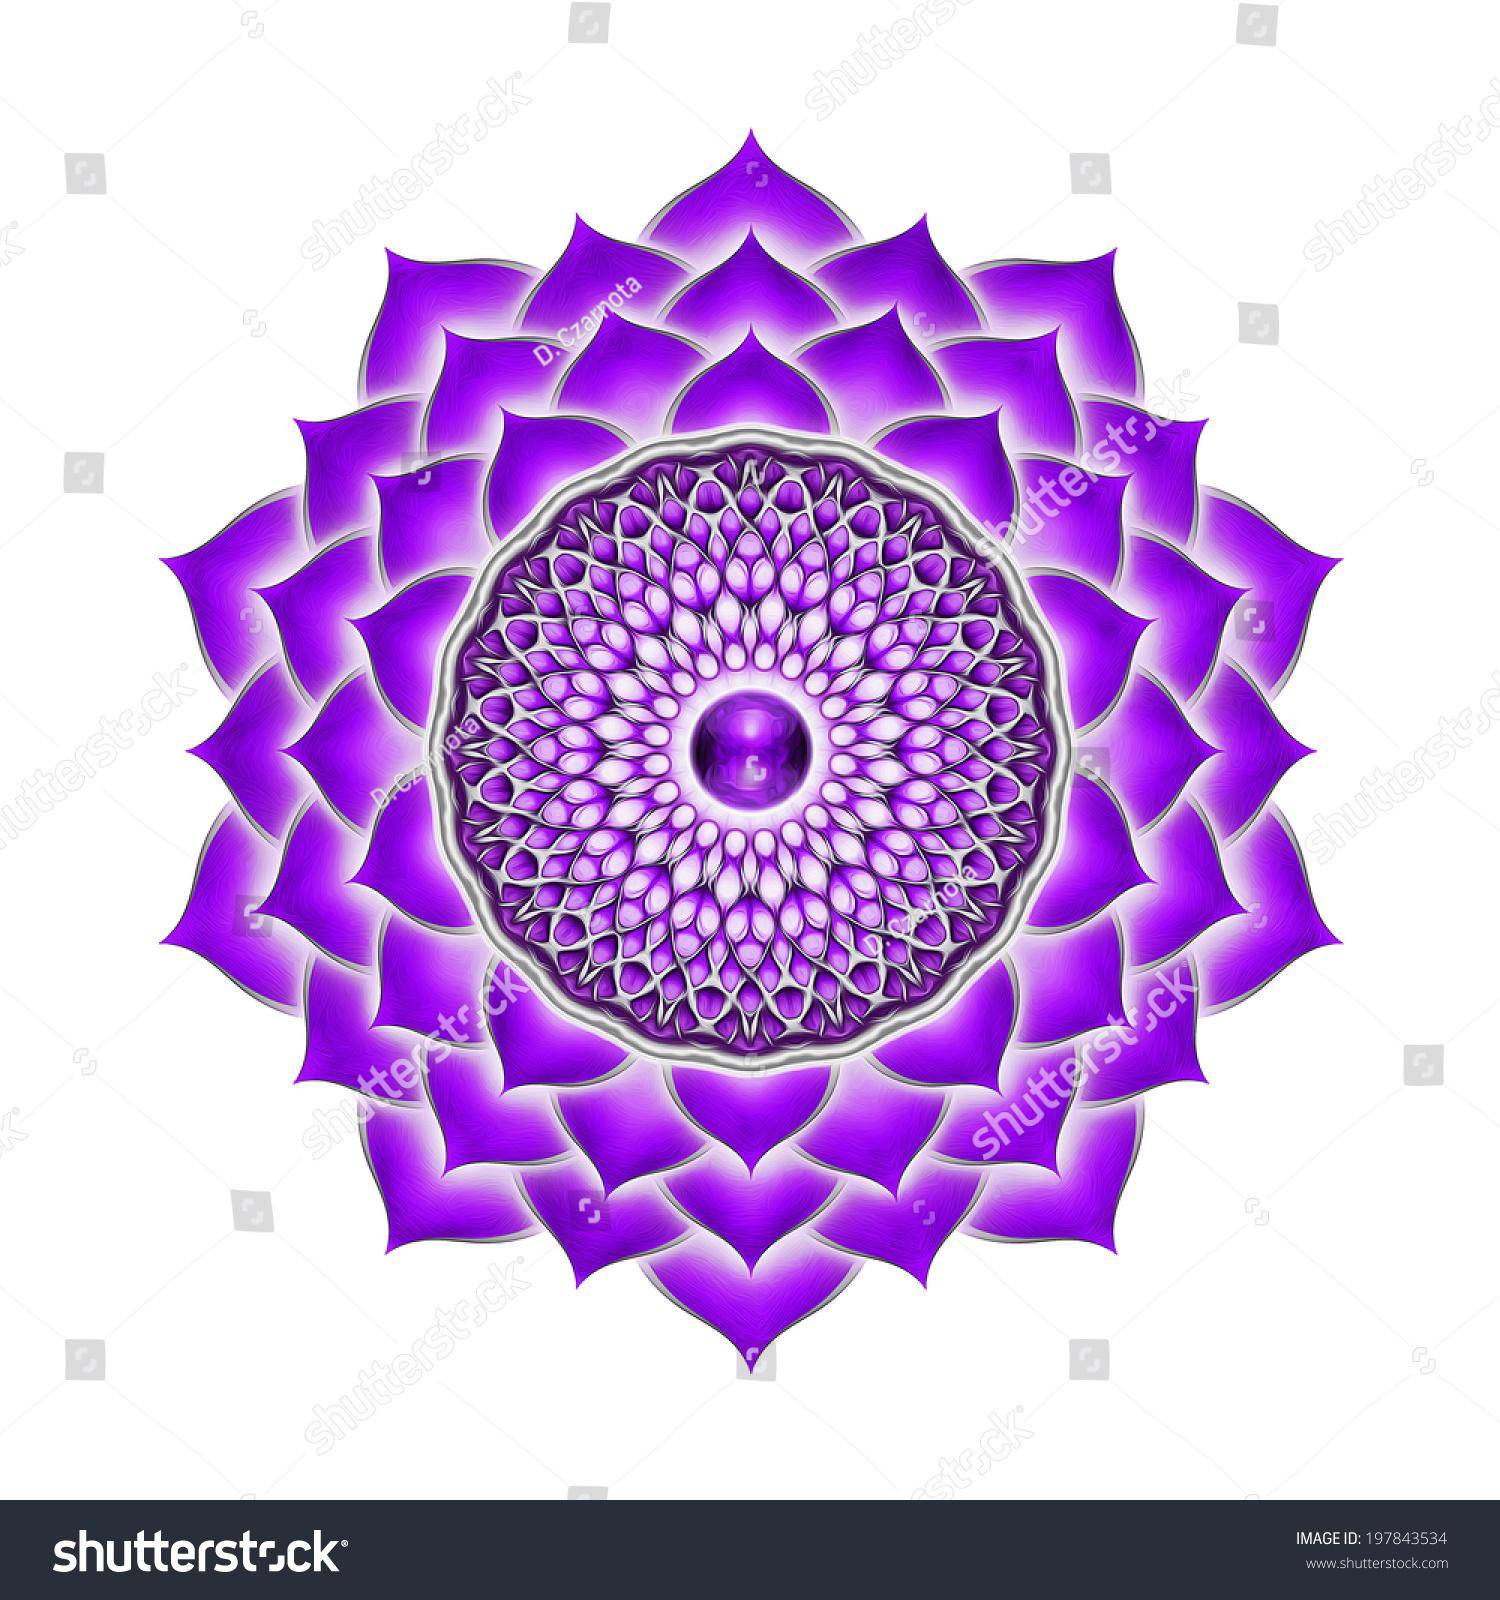 Crown Chakra Mandala Stock Photo 197843534 : Shutterstock